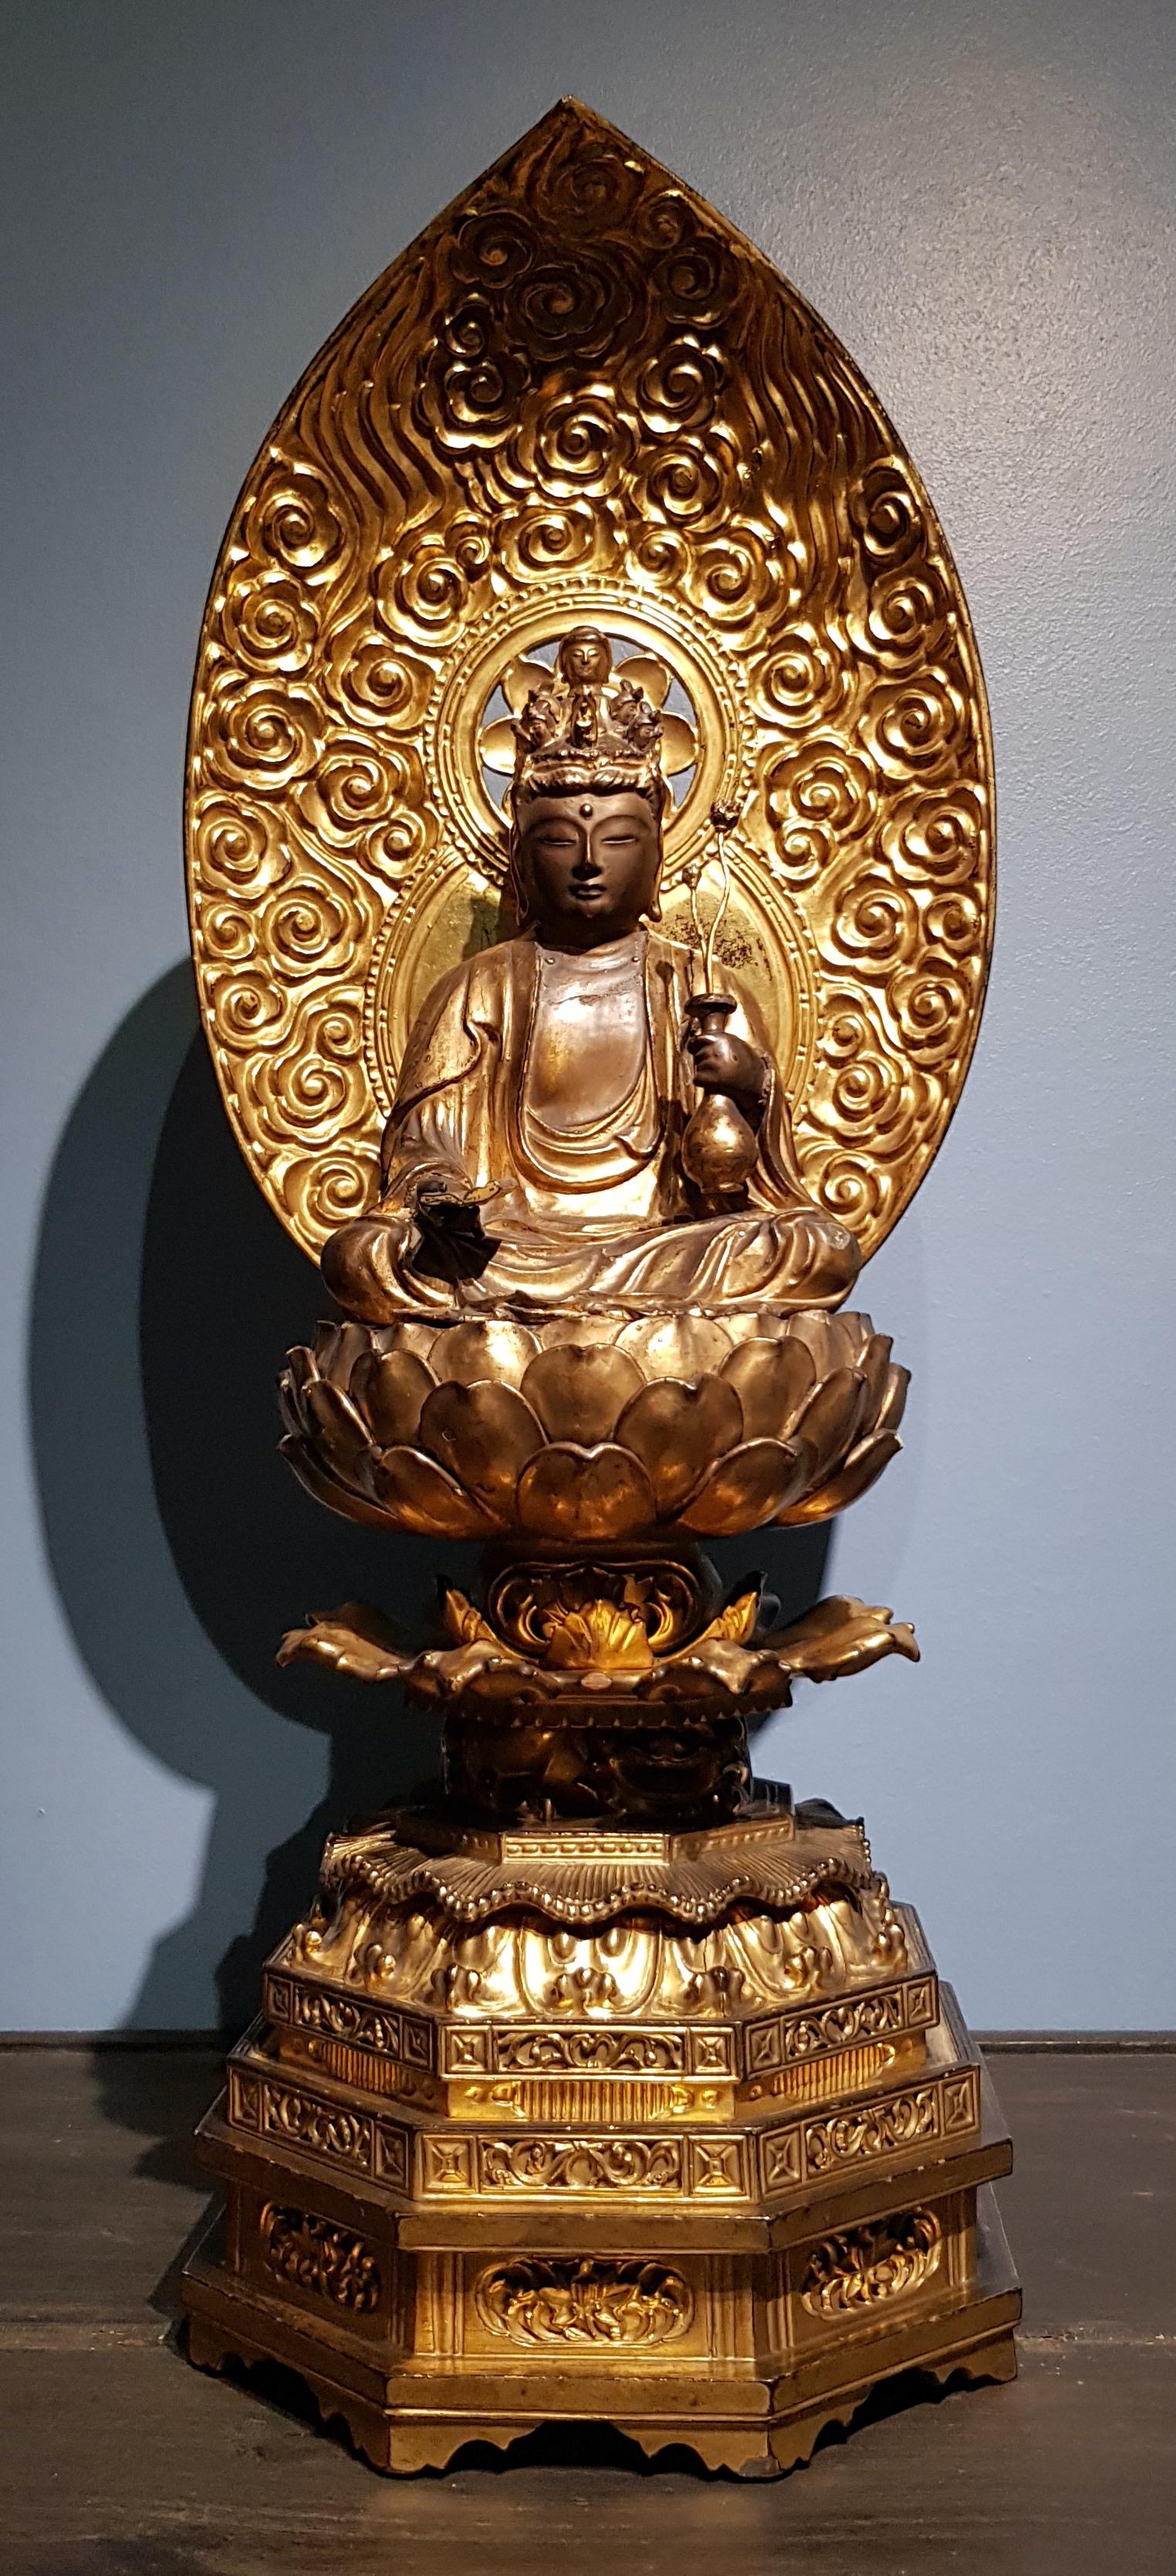 Japon - Jûichimen-Kannon - Ère Meiji - Fin 19ème. Image